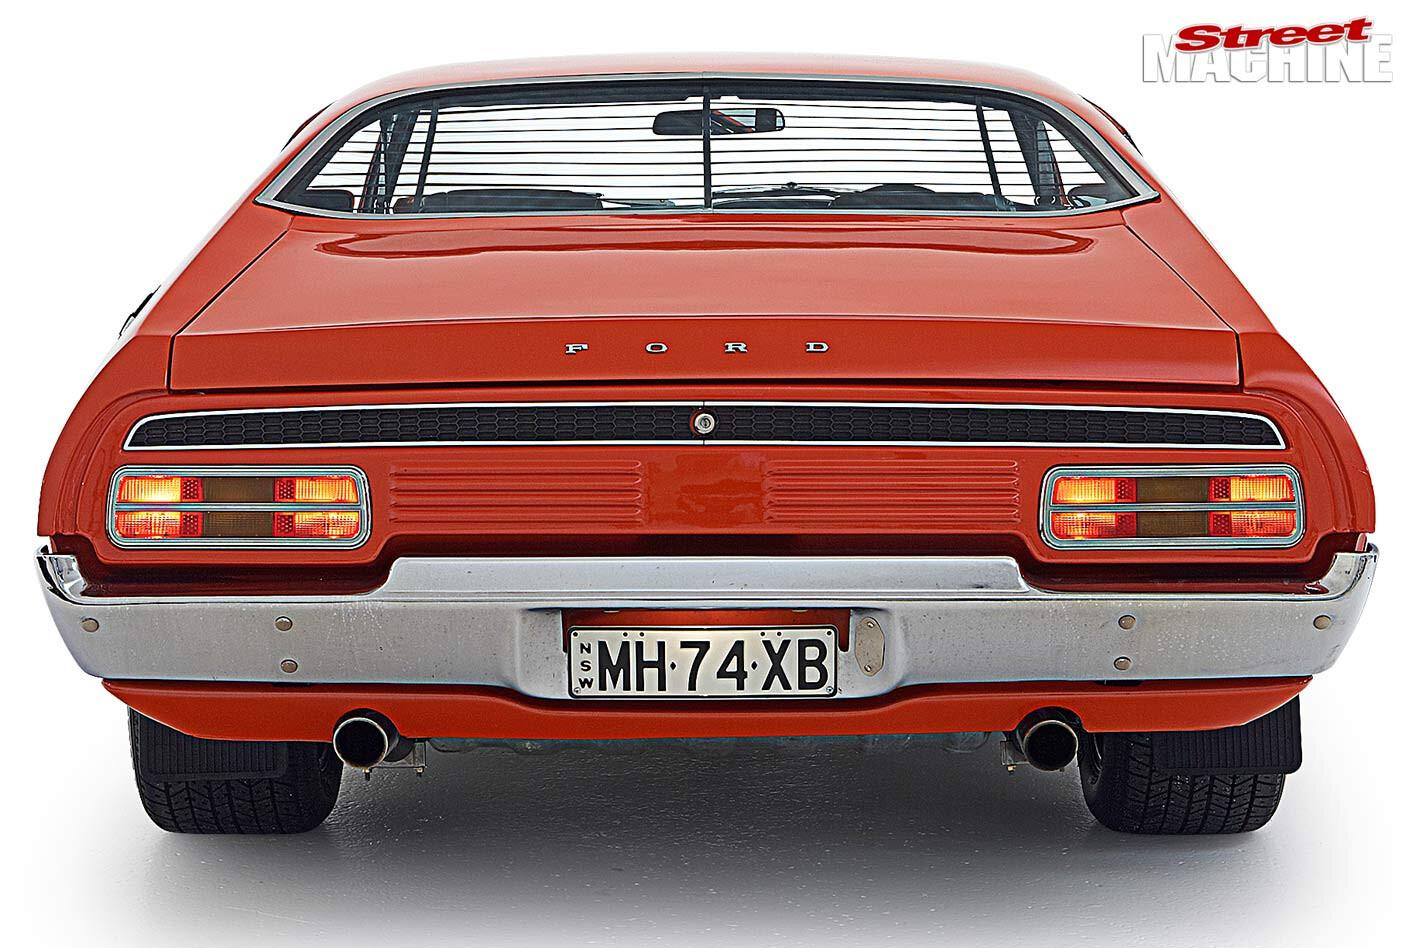 Ford Falcon XB rear